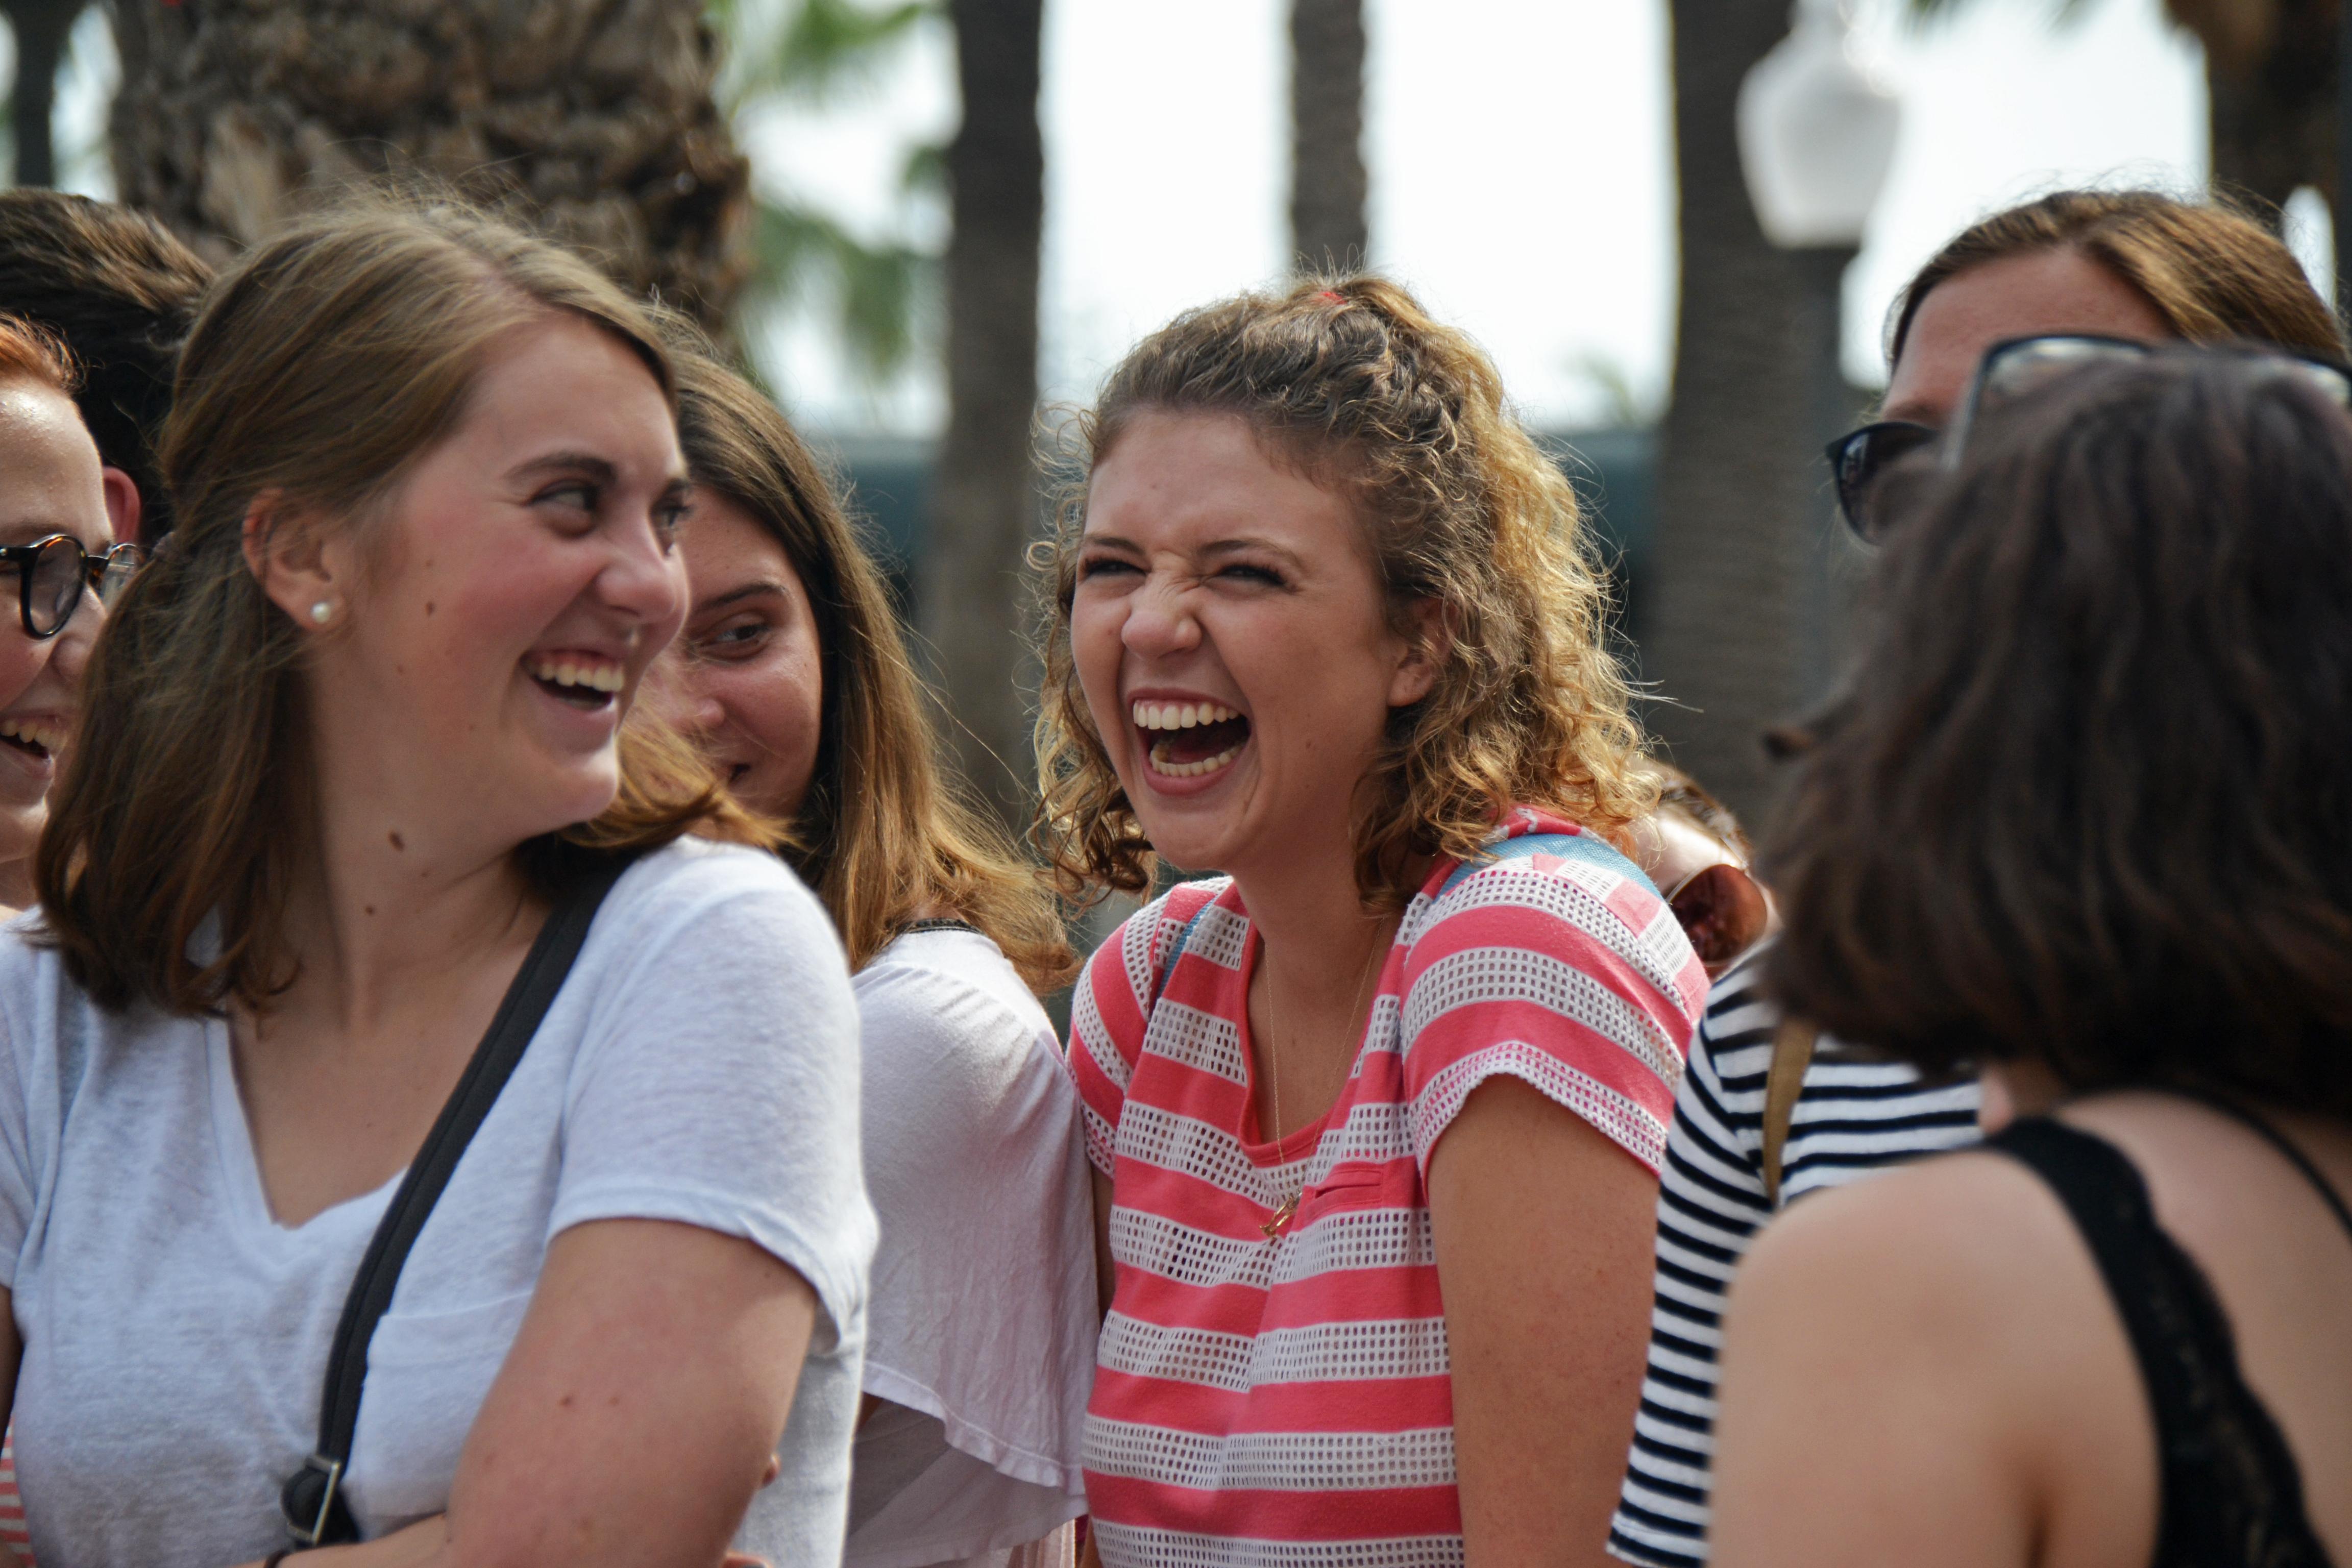 Actv estudiantes - Paseo por Alicante 03